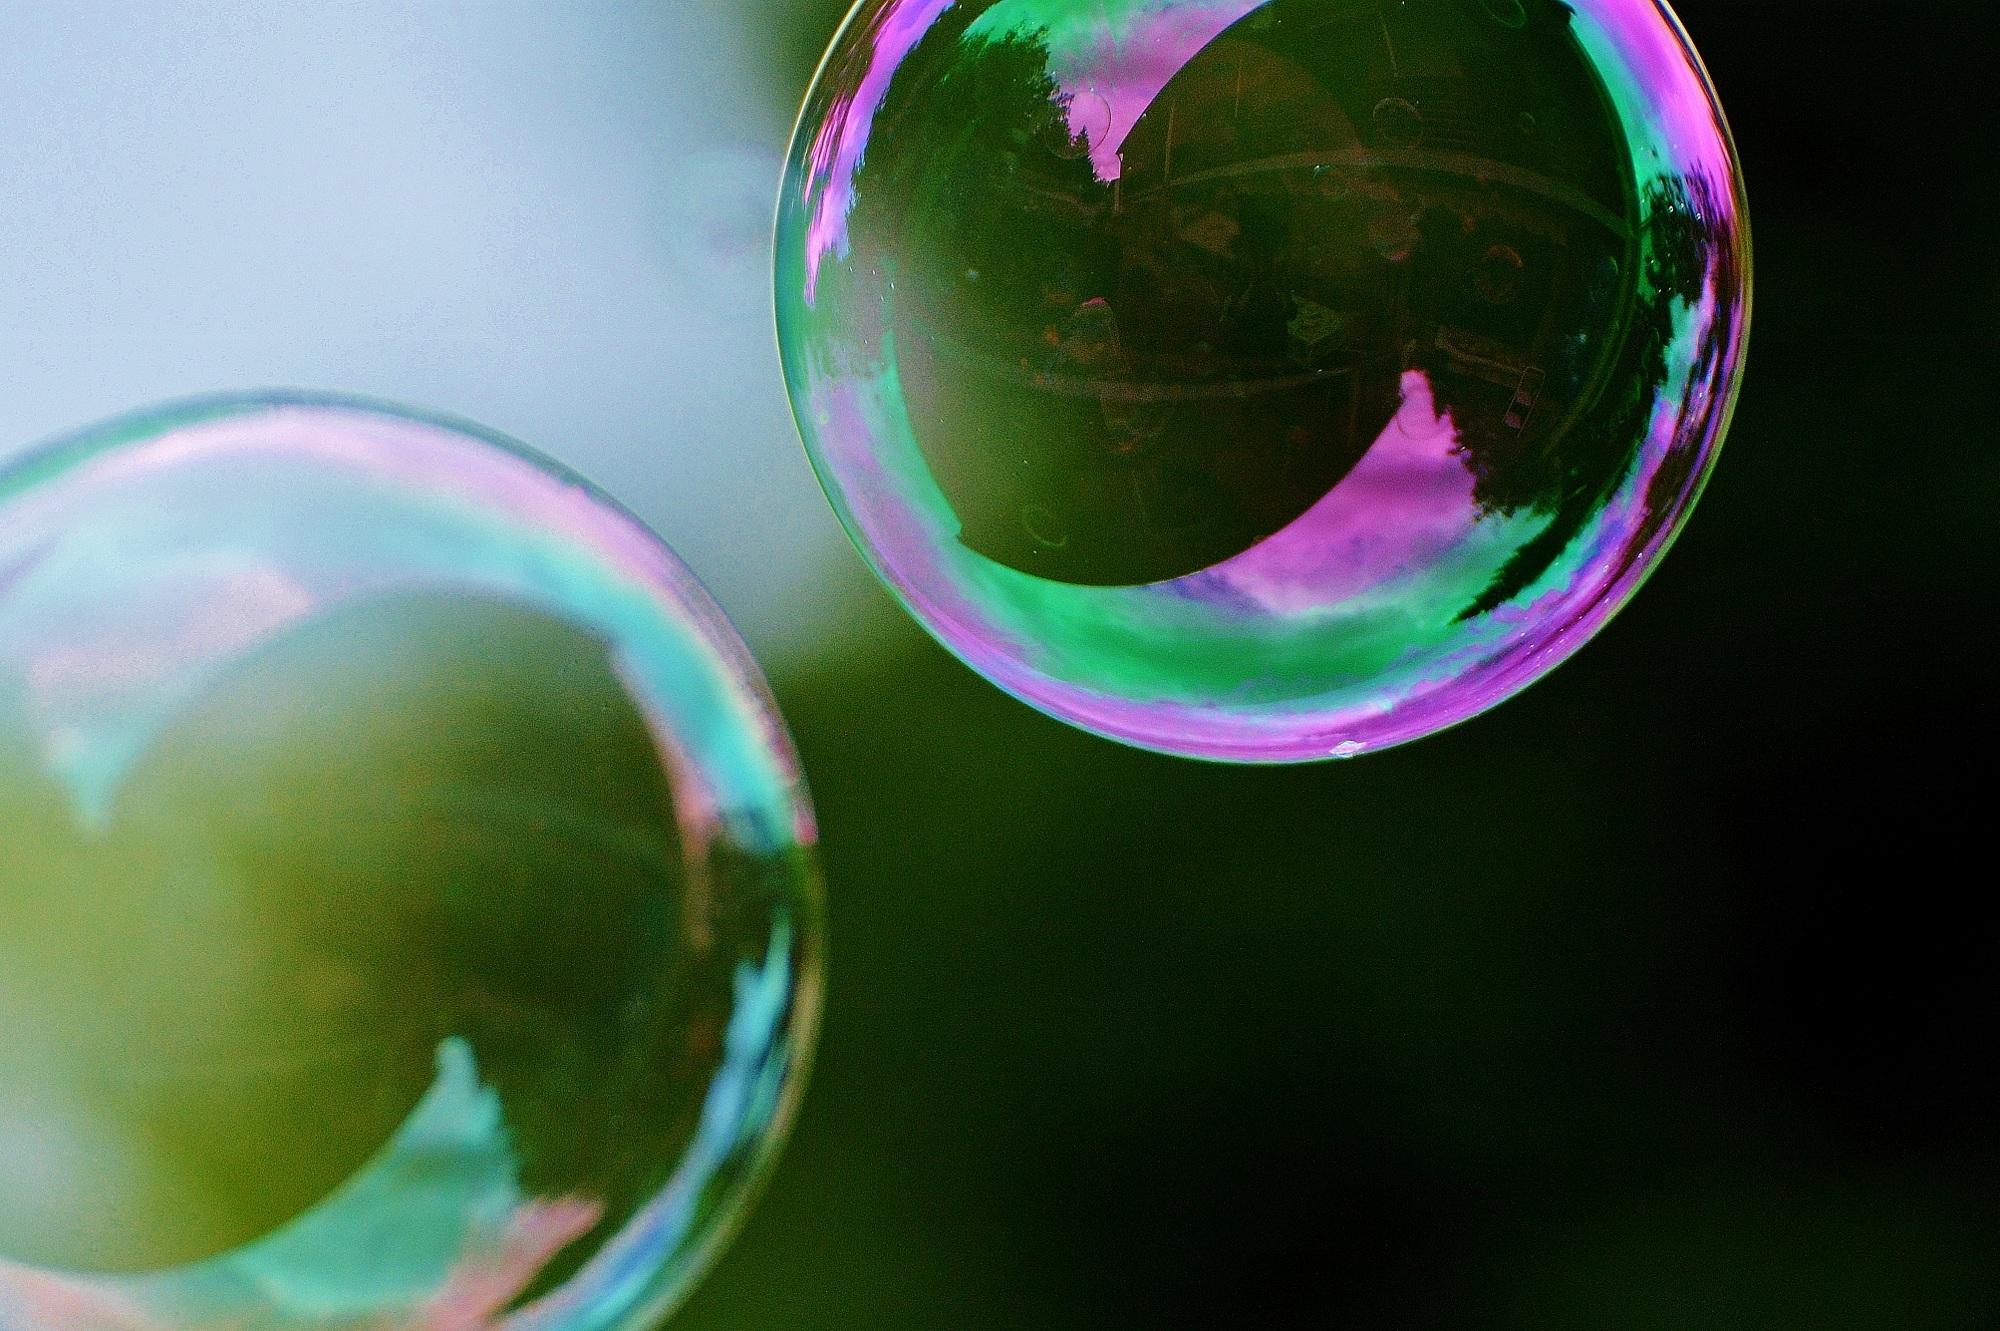 что мешает обои цветных мыльных пузырей картинки вырастить